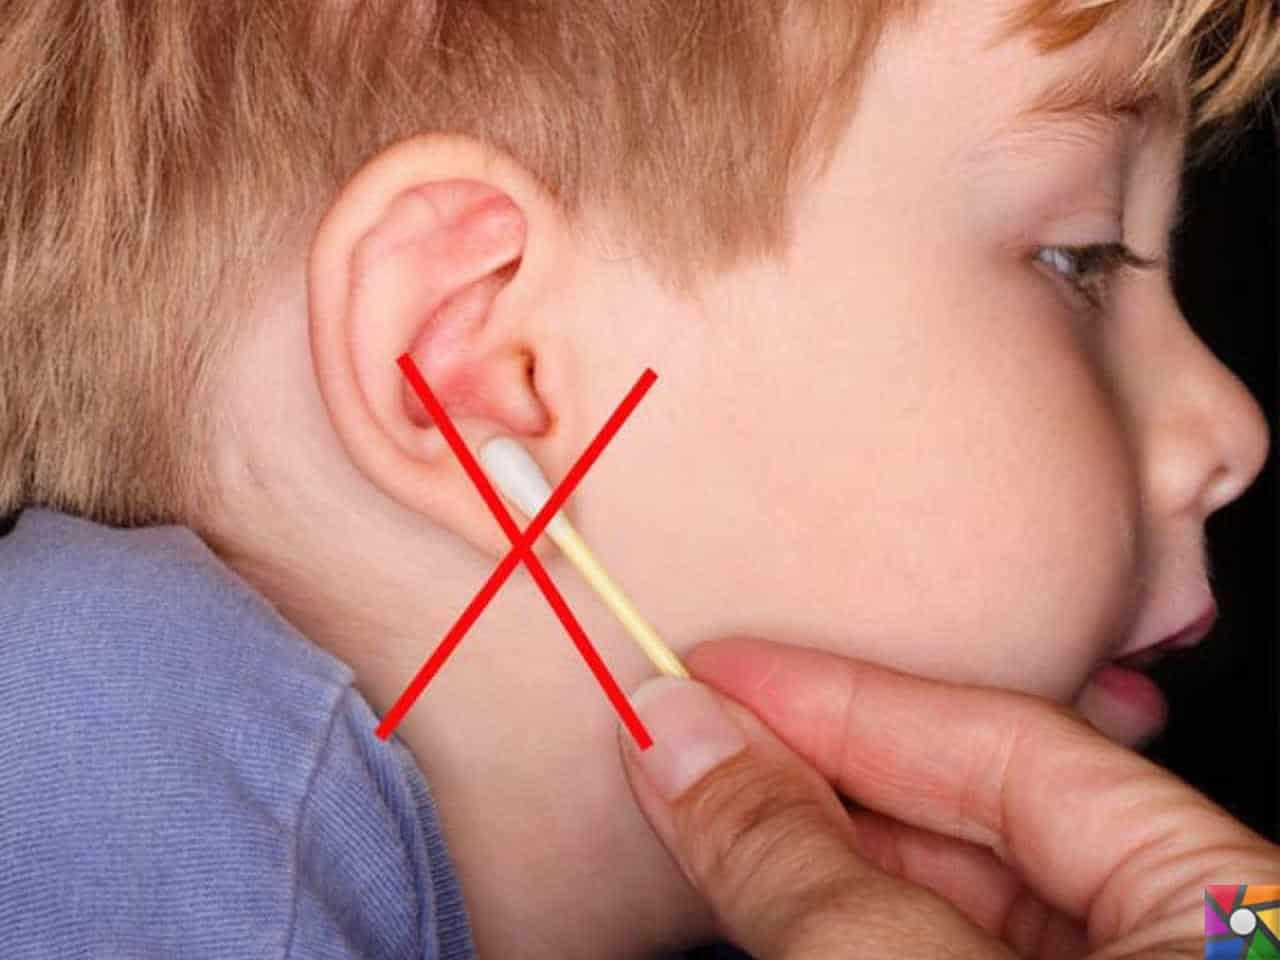 Как сделать чтобы вылить воду из уха